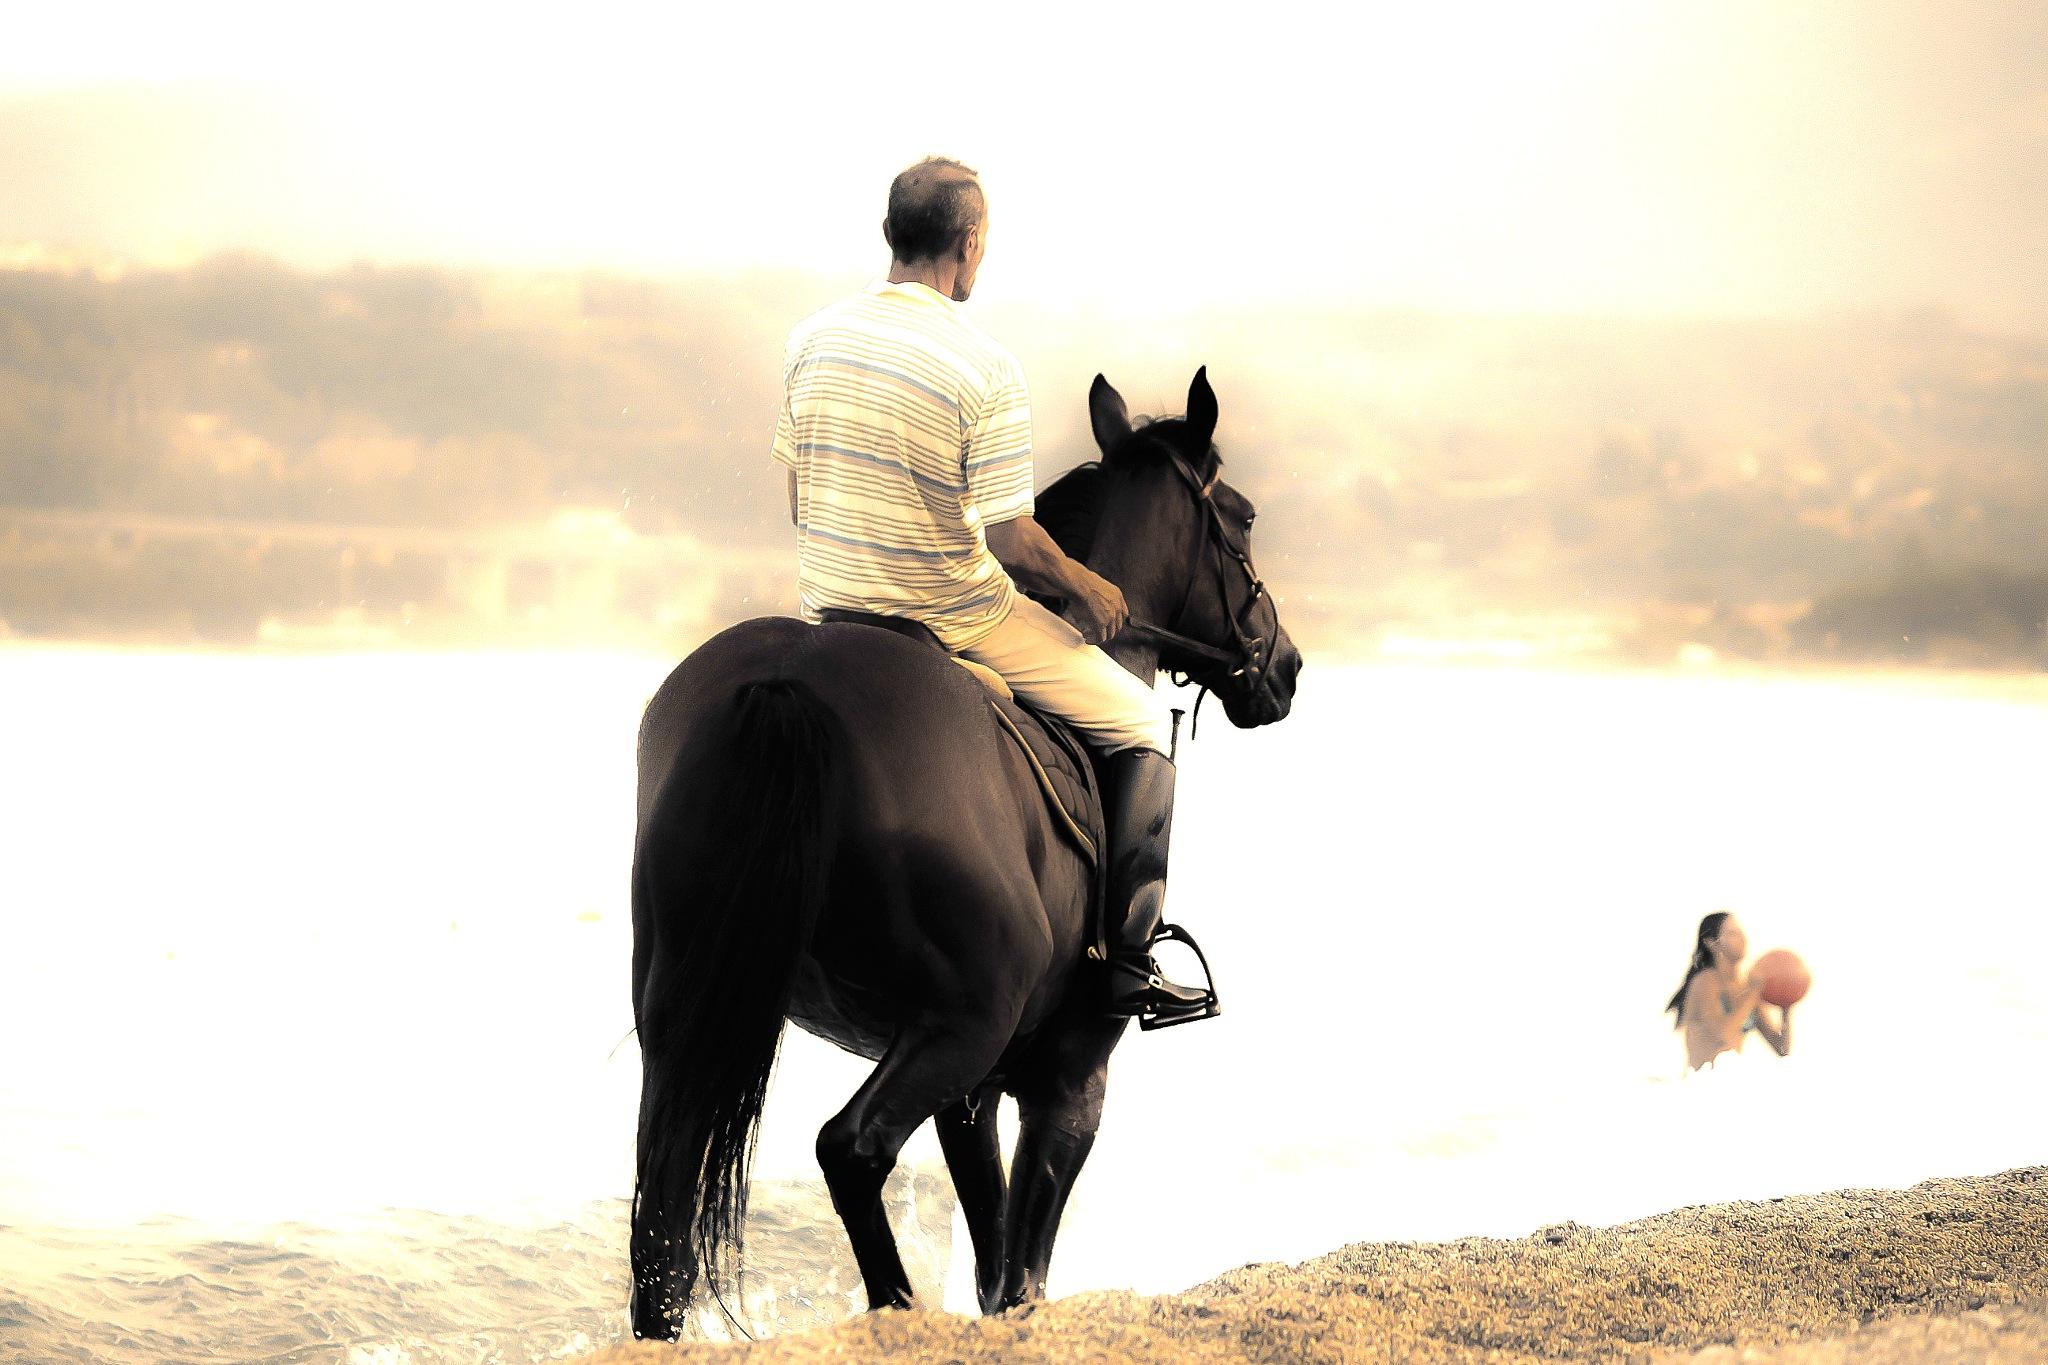 Ride on the seashore by Cesare Vatrano